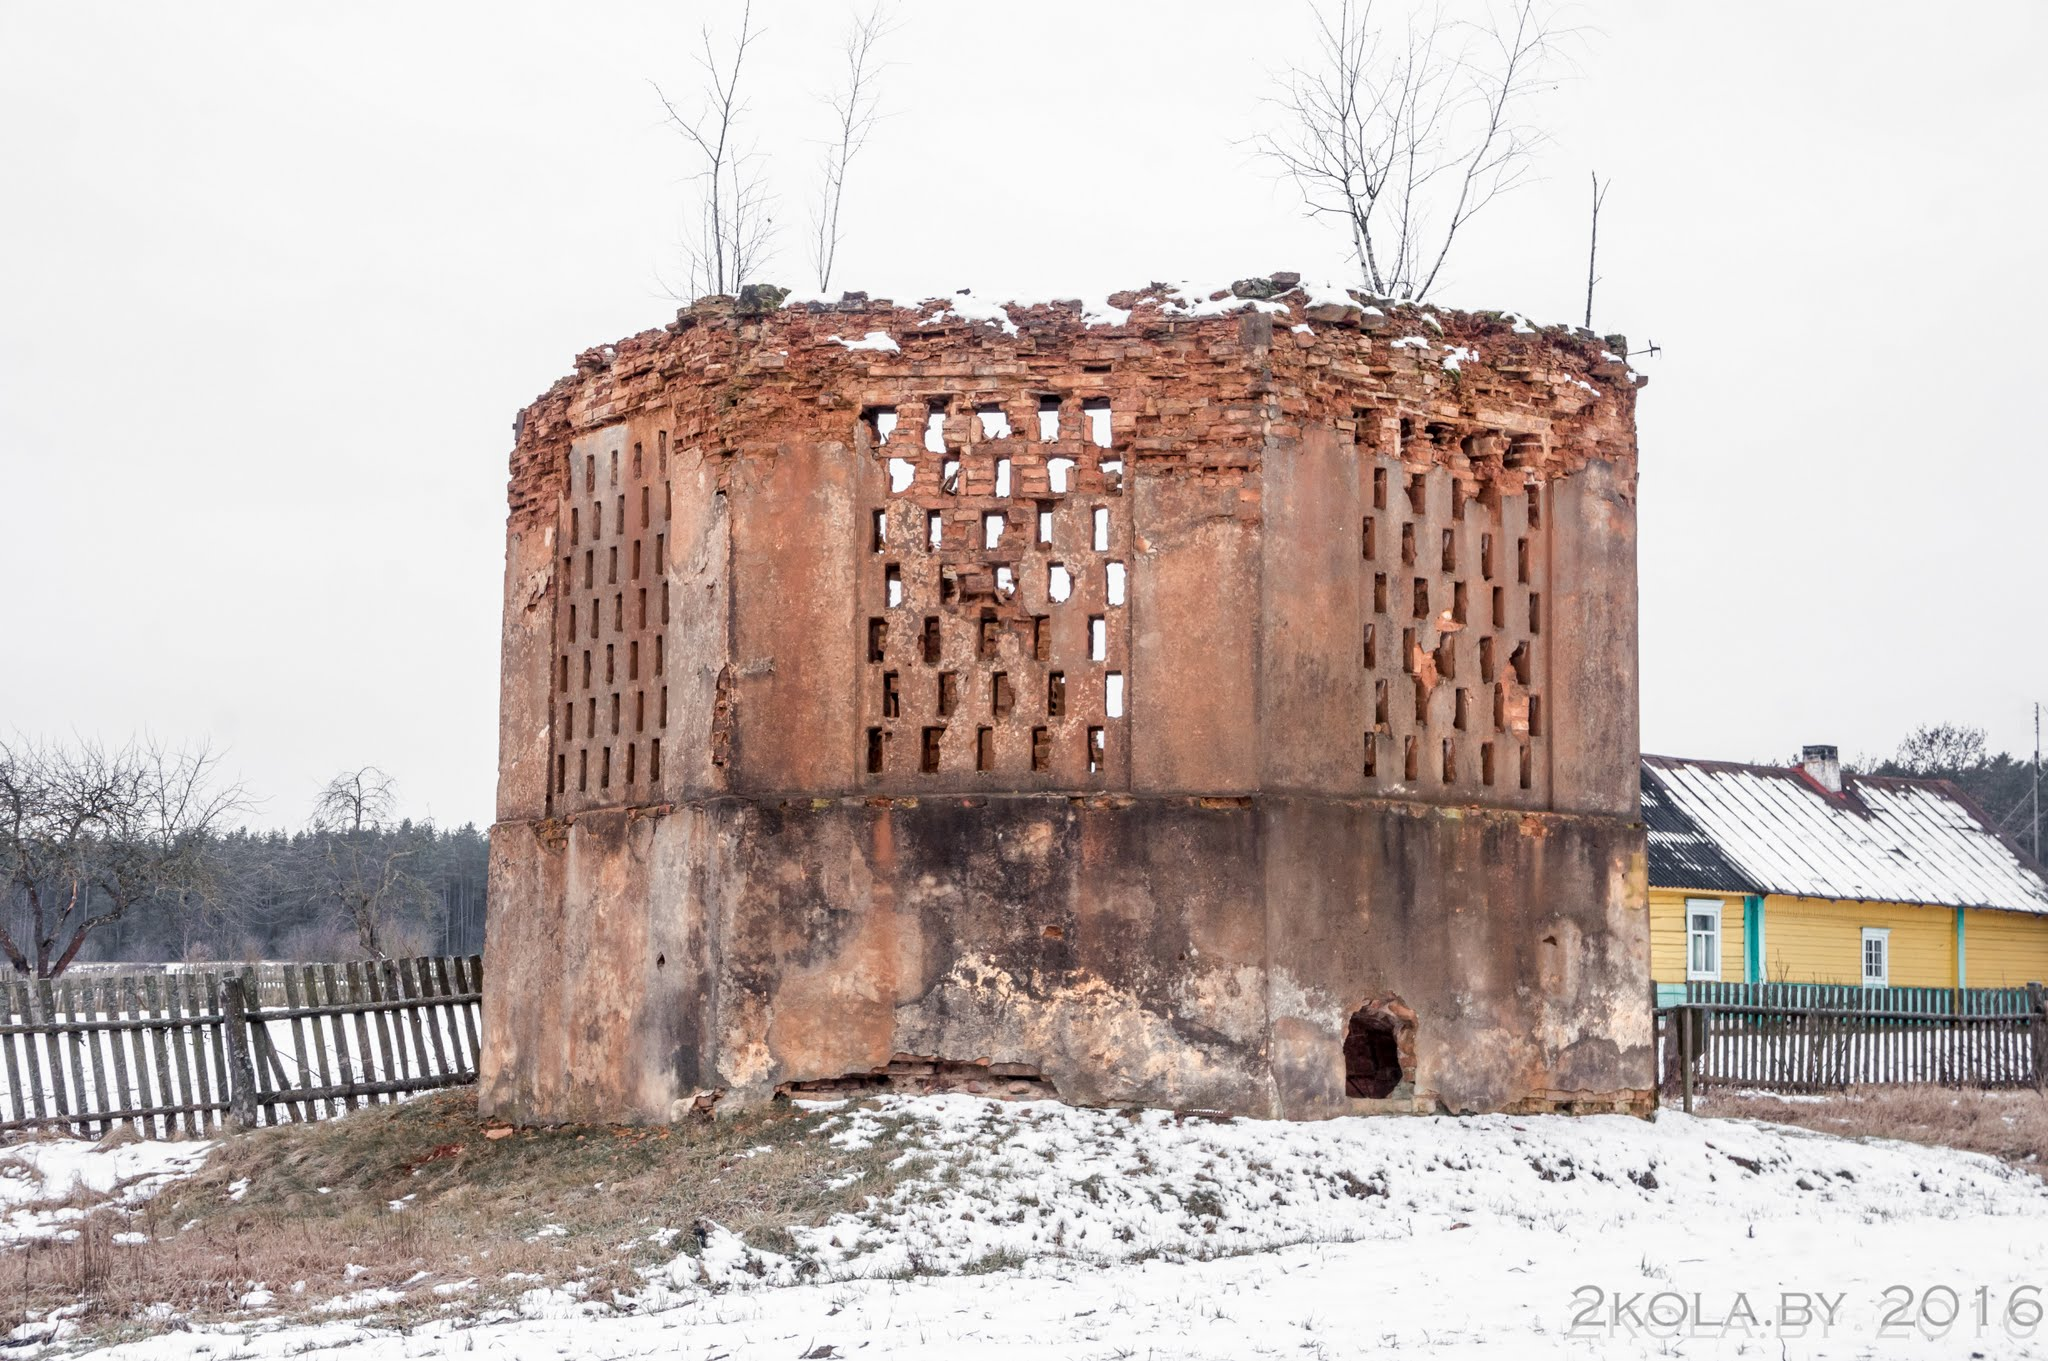 DSC08846 - Зимняя покатушка по достопримечательностям Ганцевичского и Клецкого районов.